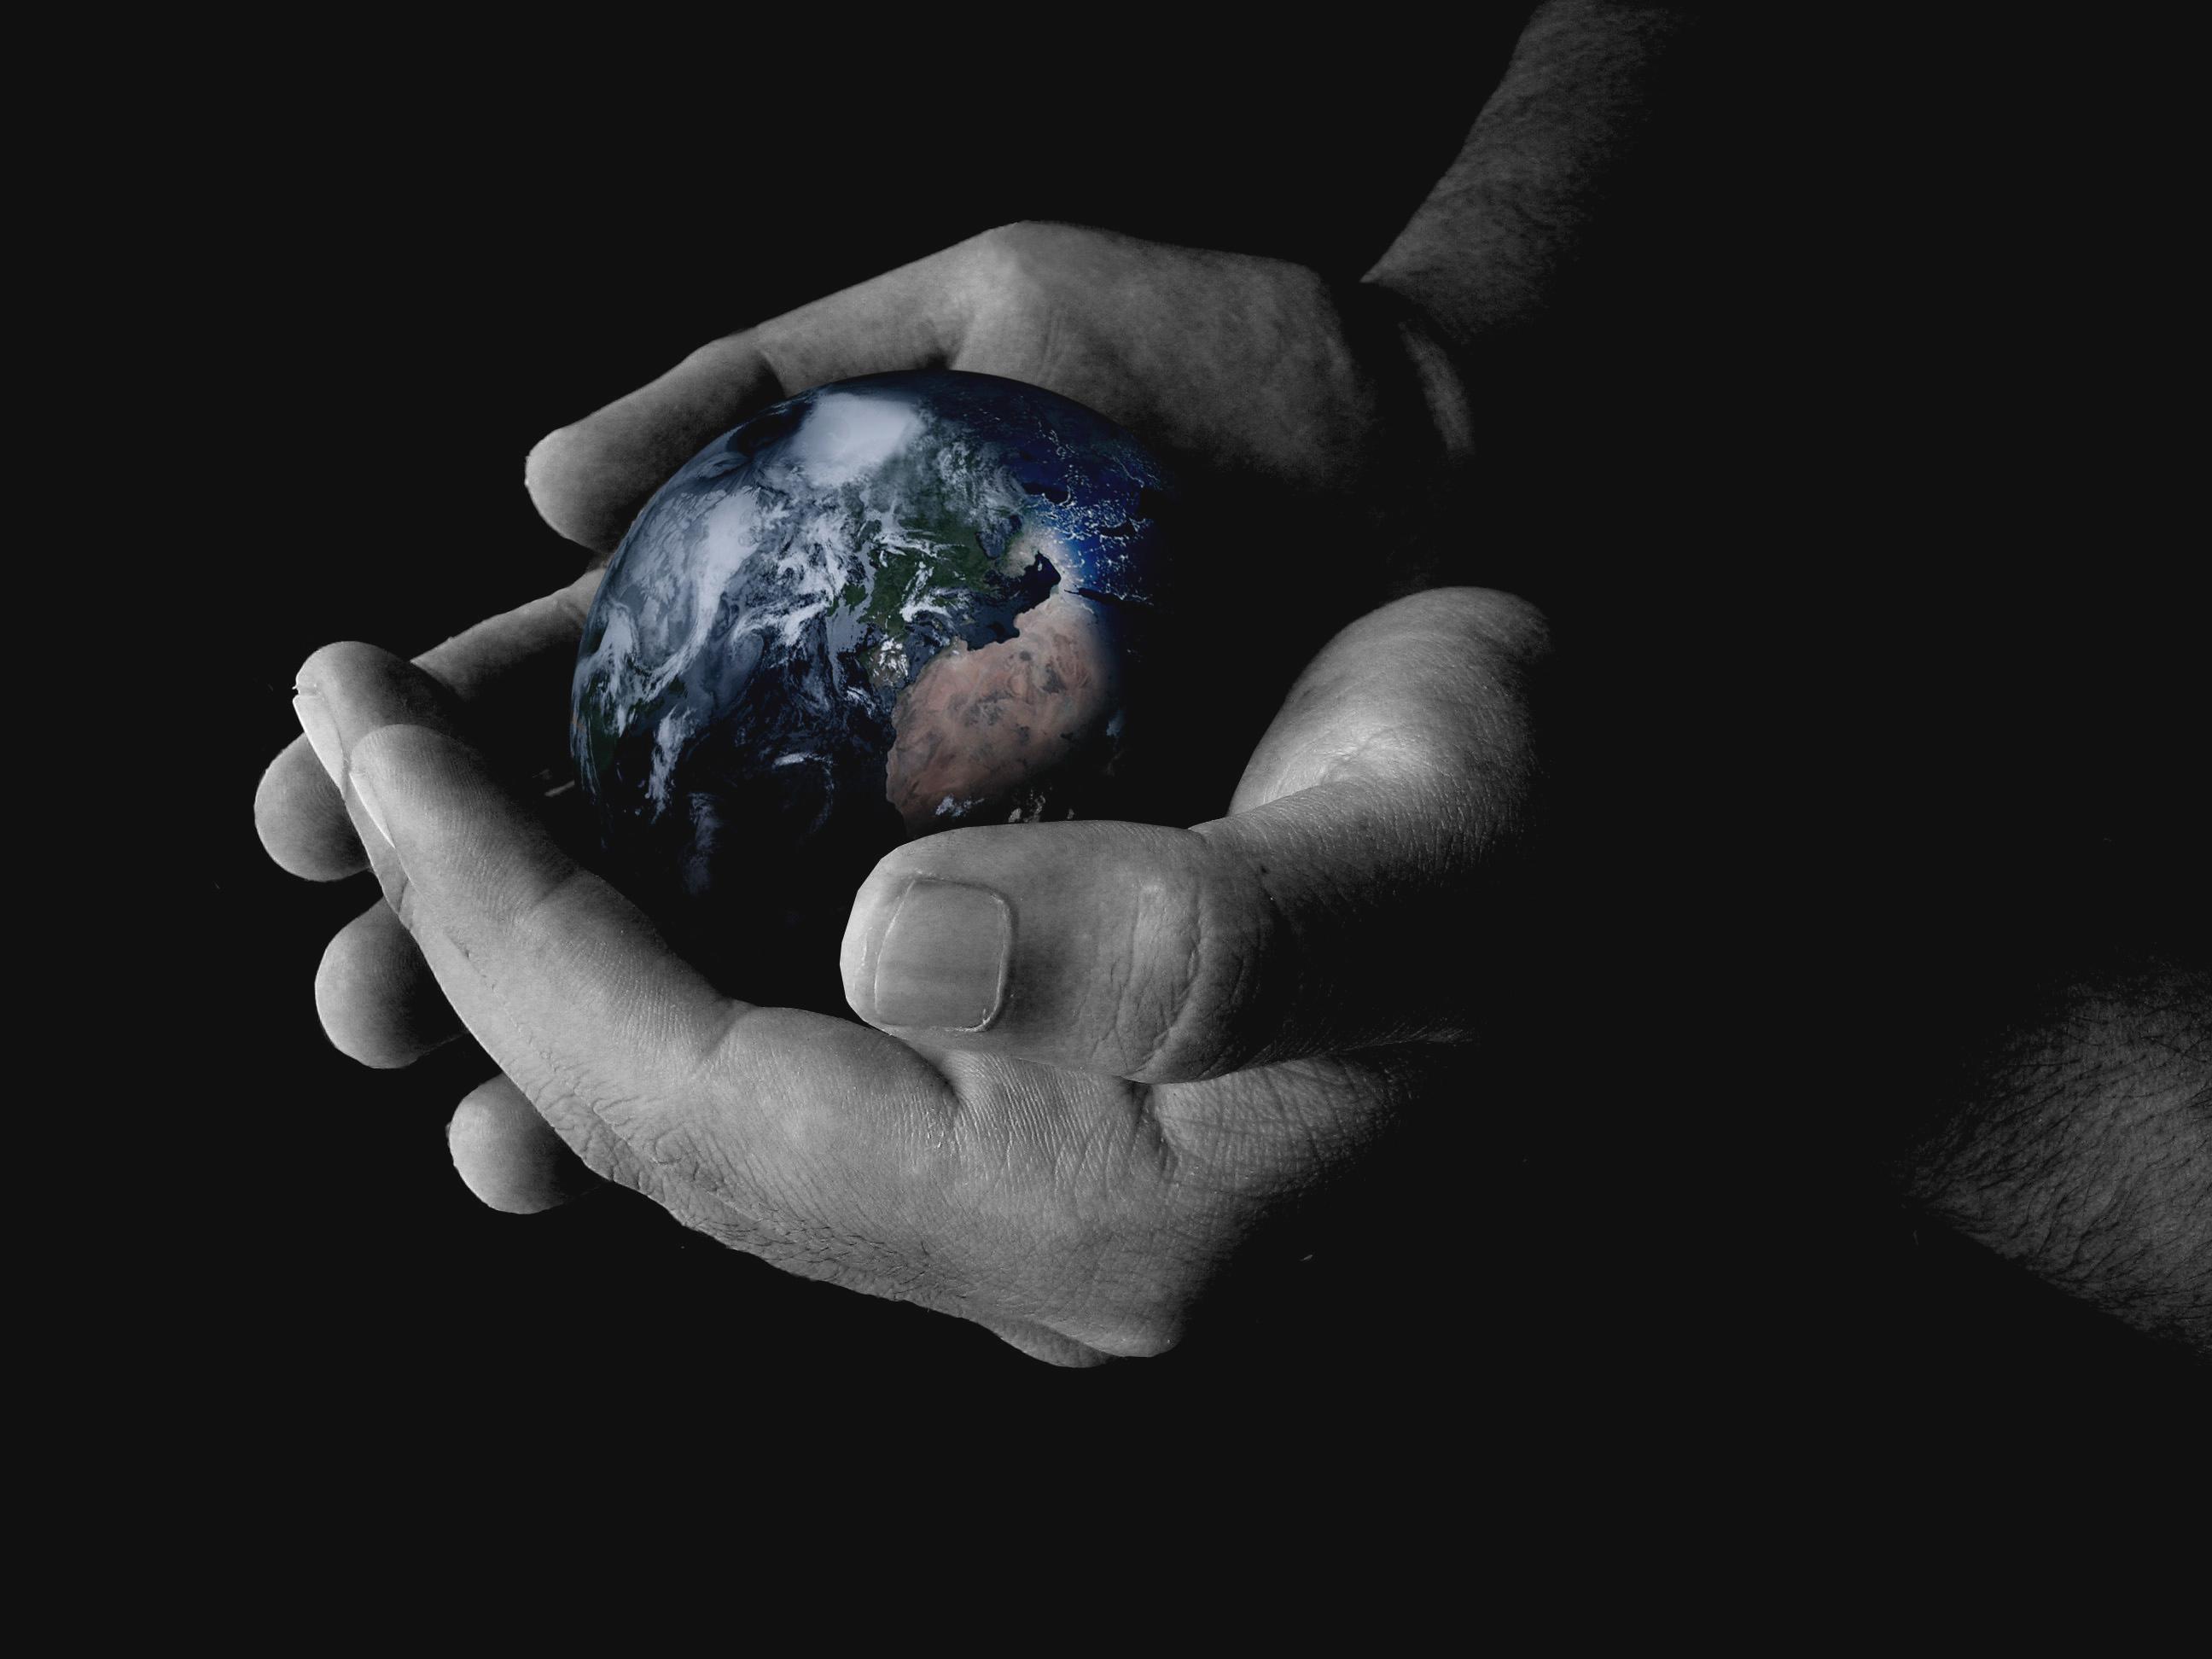 548770 18496229 - Žádná lidská autorita není porovnatelná s Bohem